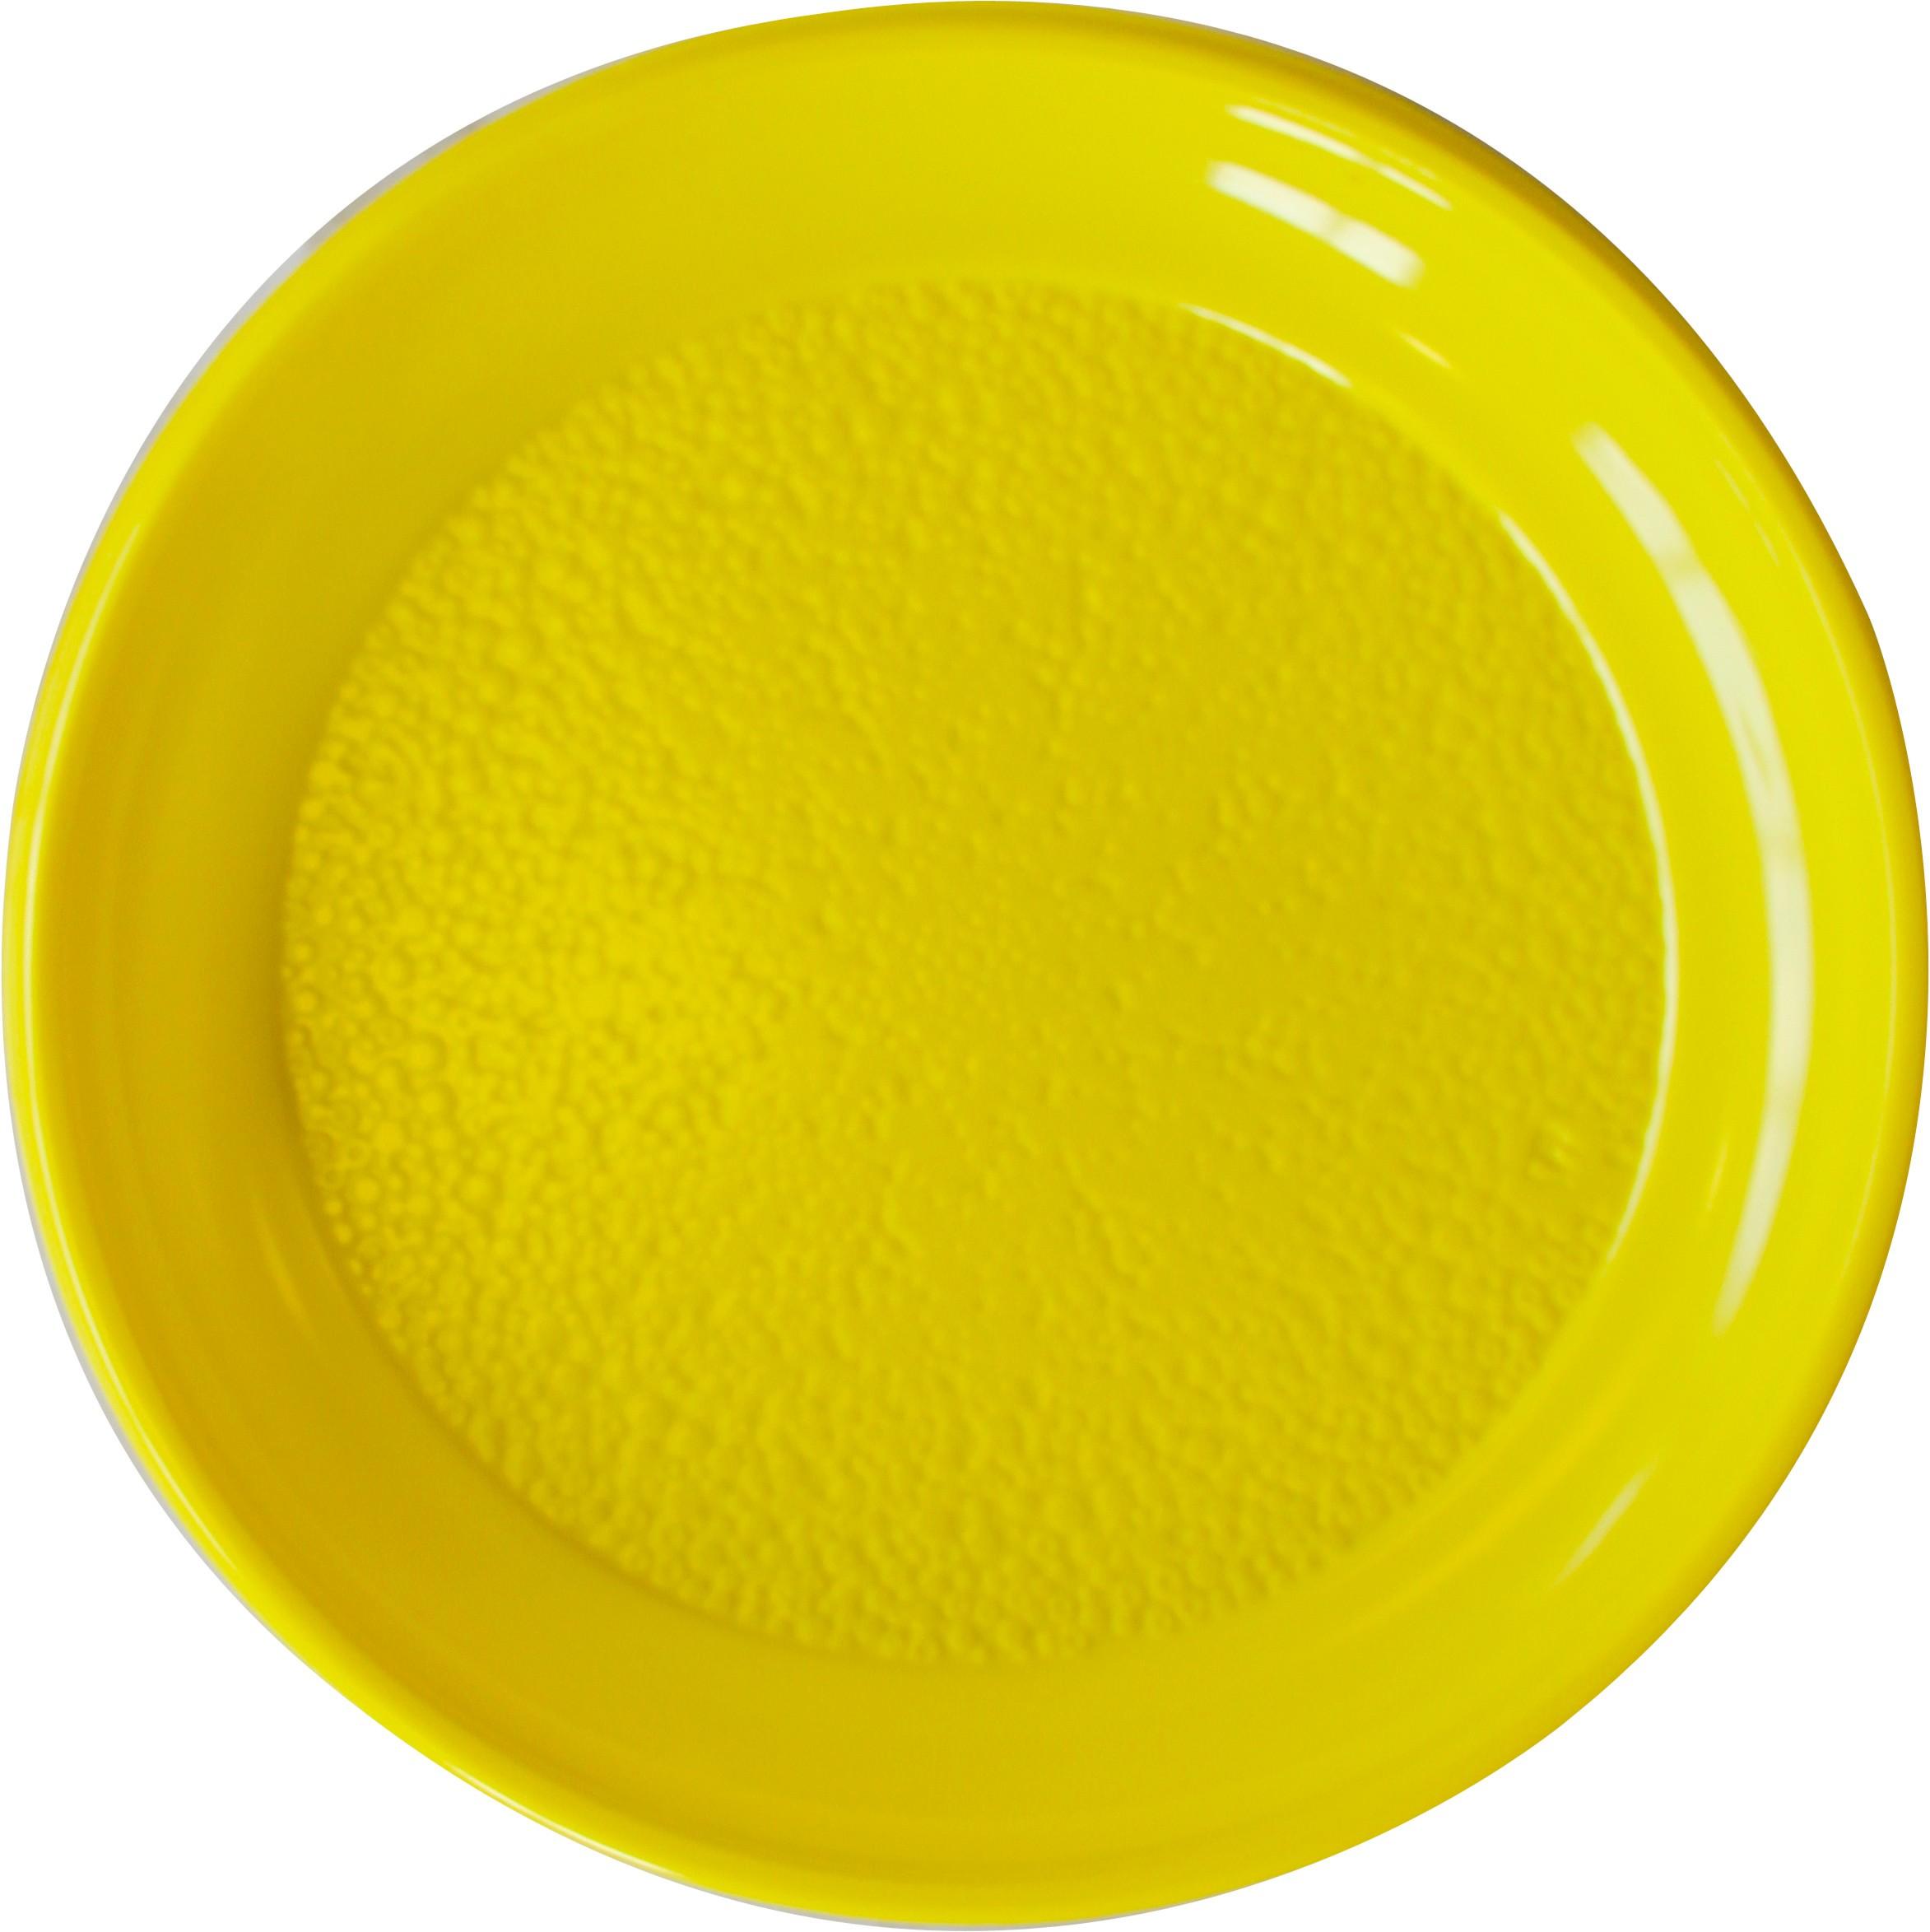 20 assiettes jaunes rondes en plastique 25 cm. Black Bedroom Furniture Sets. Home Design Ideas